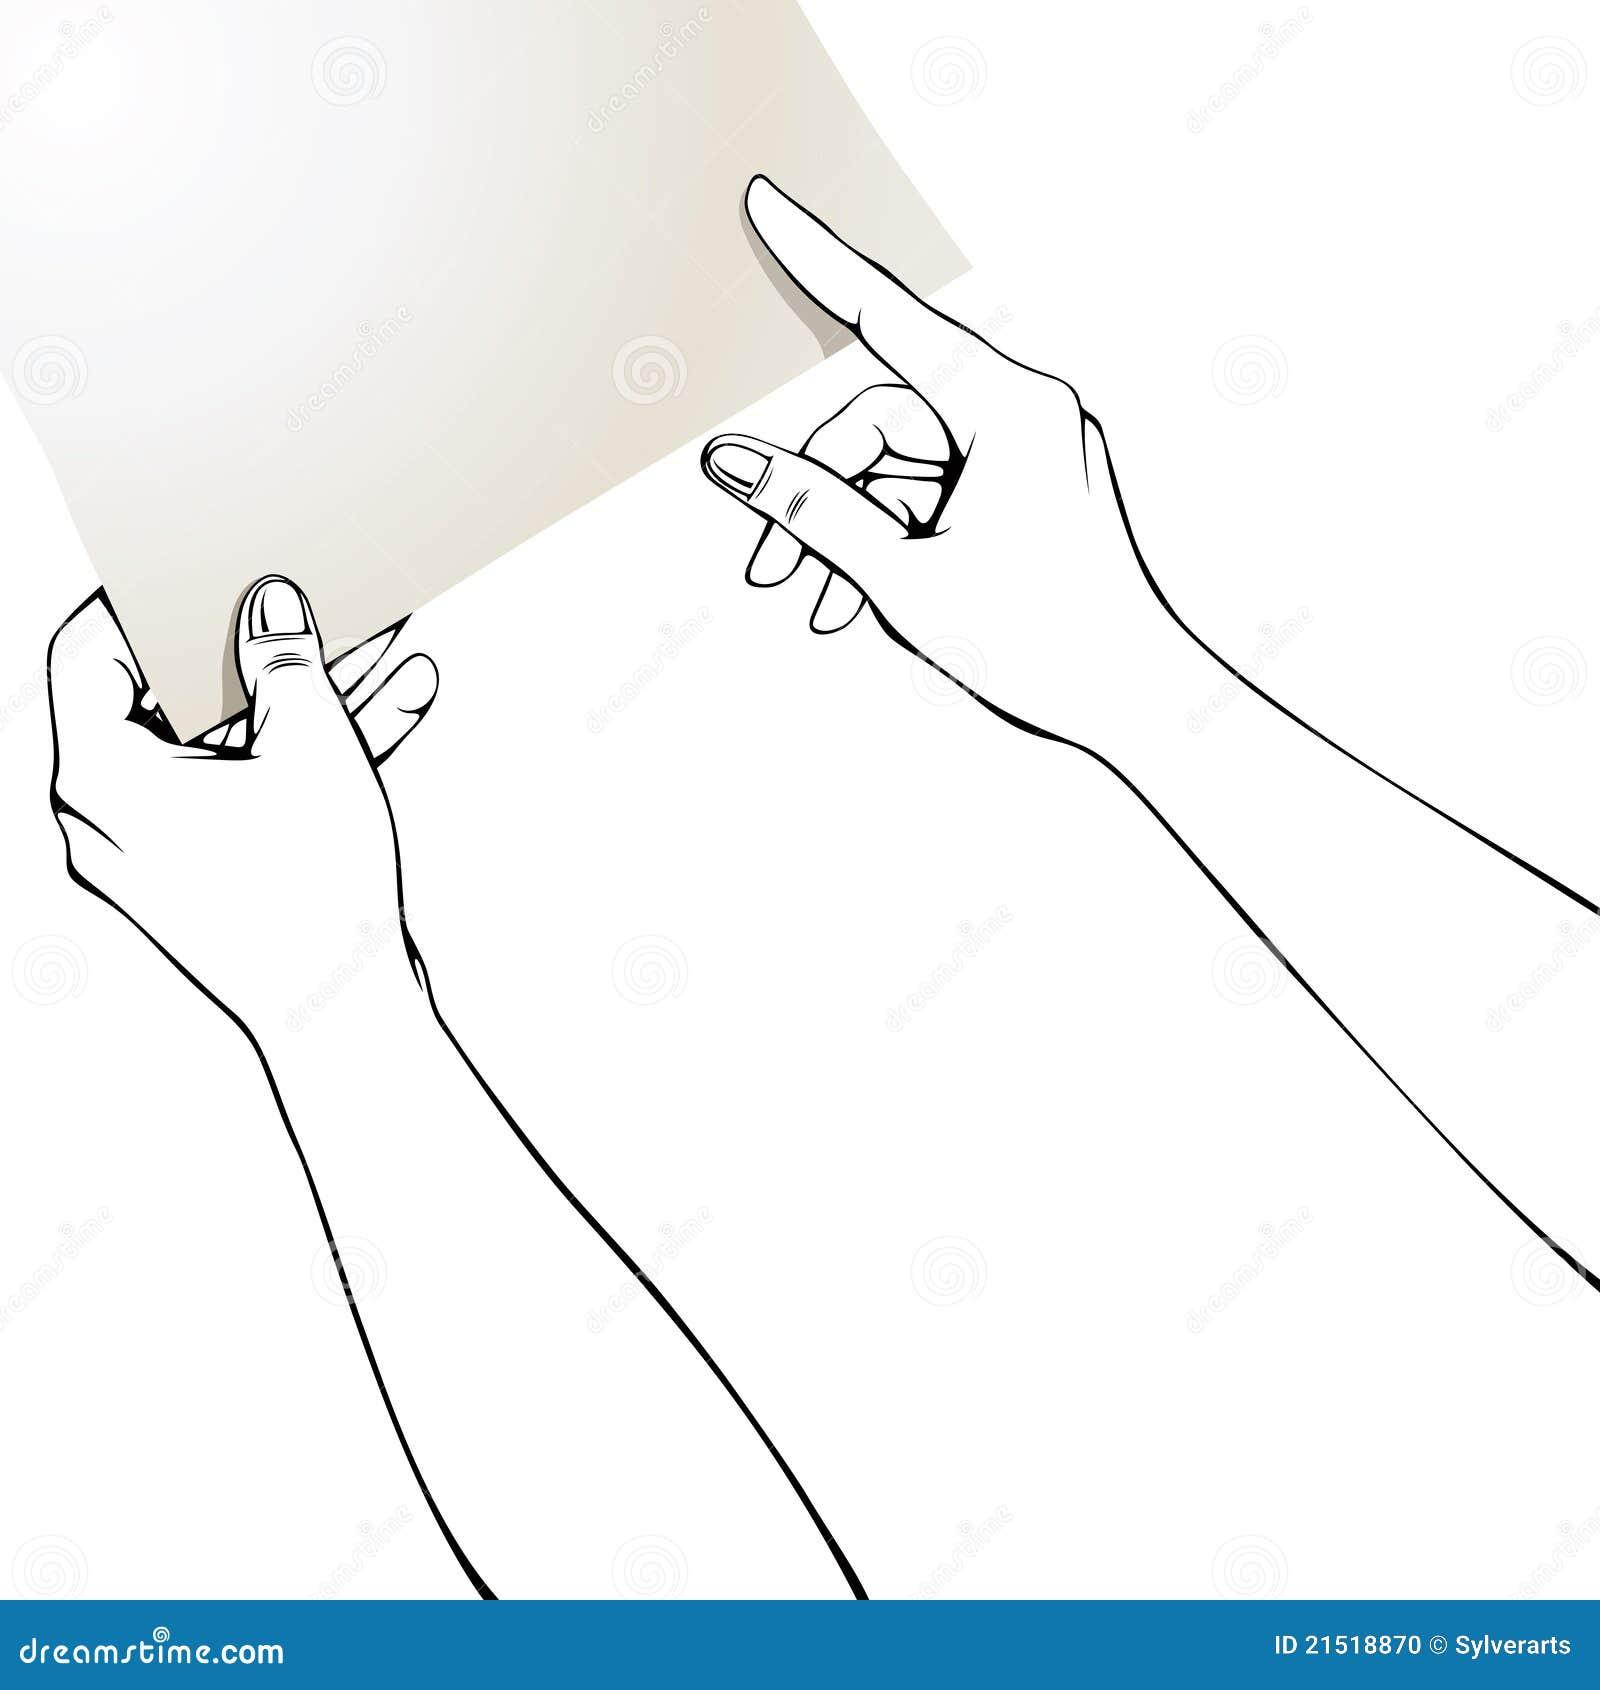 手指递纸指向图片